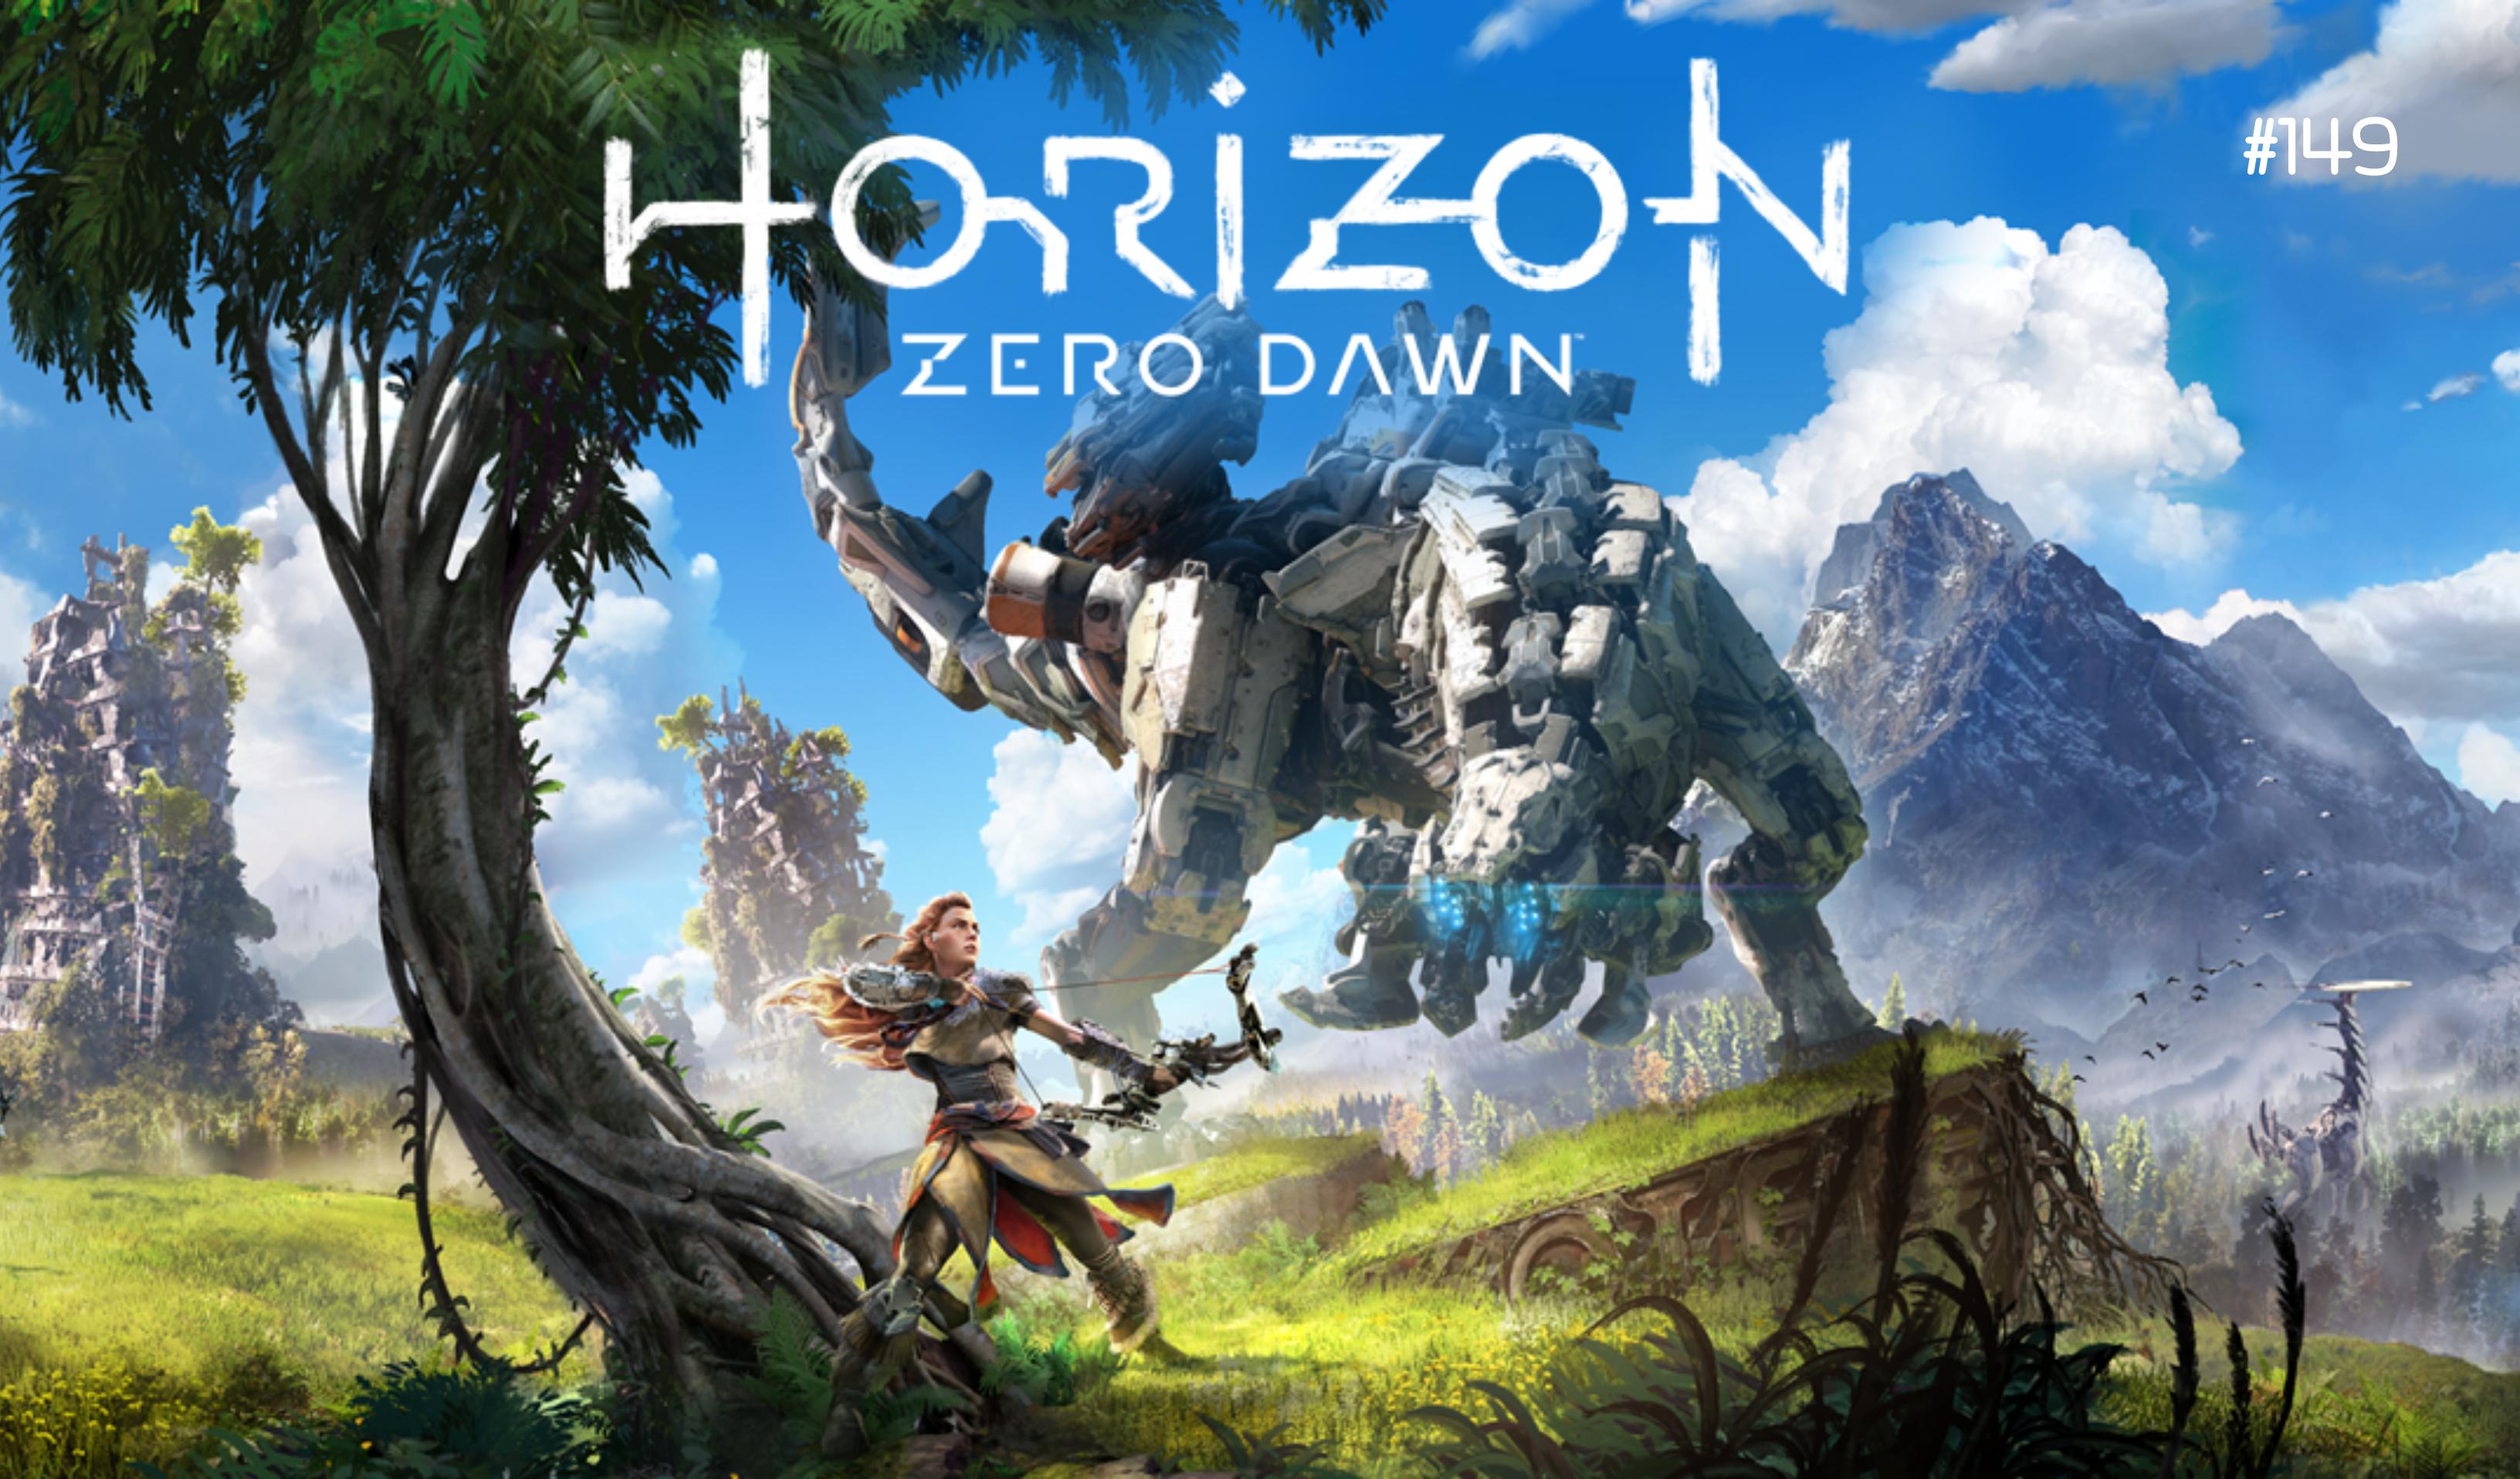 TT Poll #149: Horizon Zero Dawn